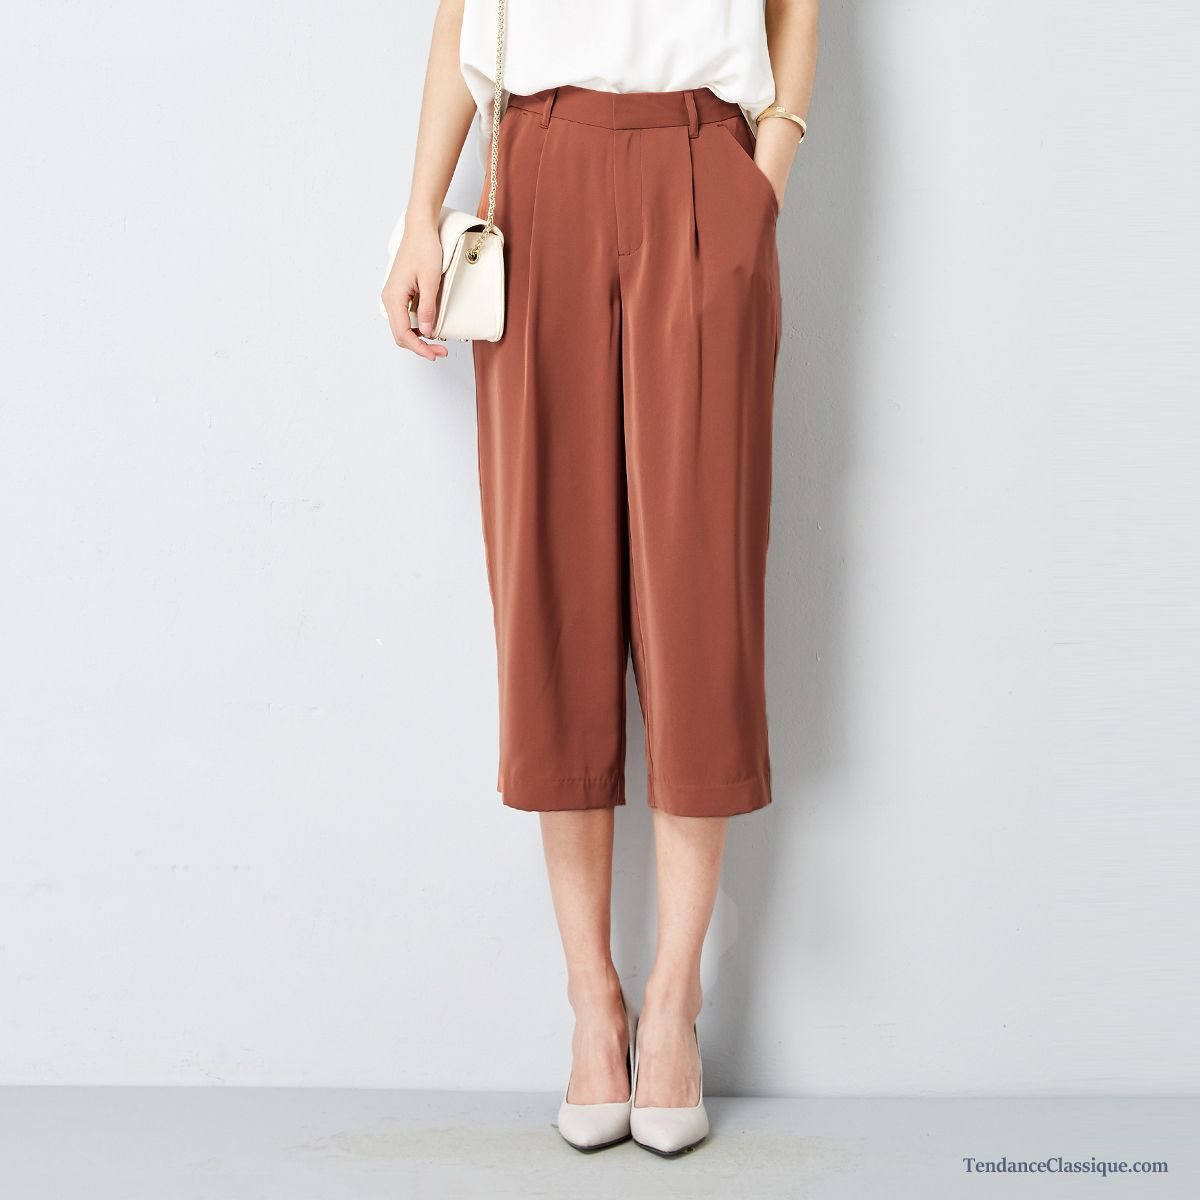 Pantalon en velours femme chocolat pantalon simili cuir - Pantalon coupe droite femme pas cher ...